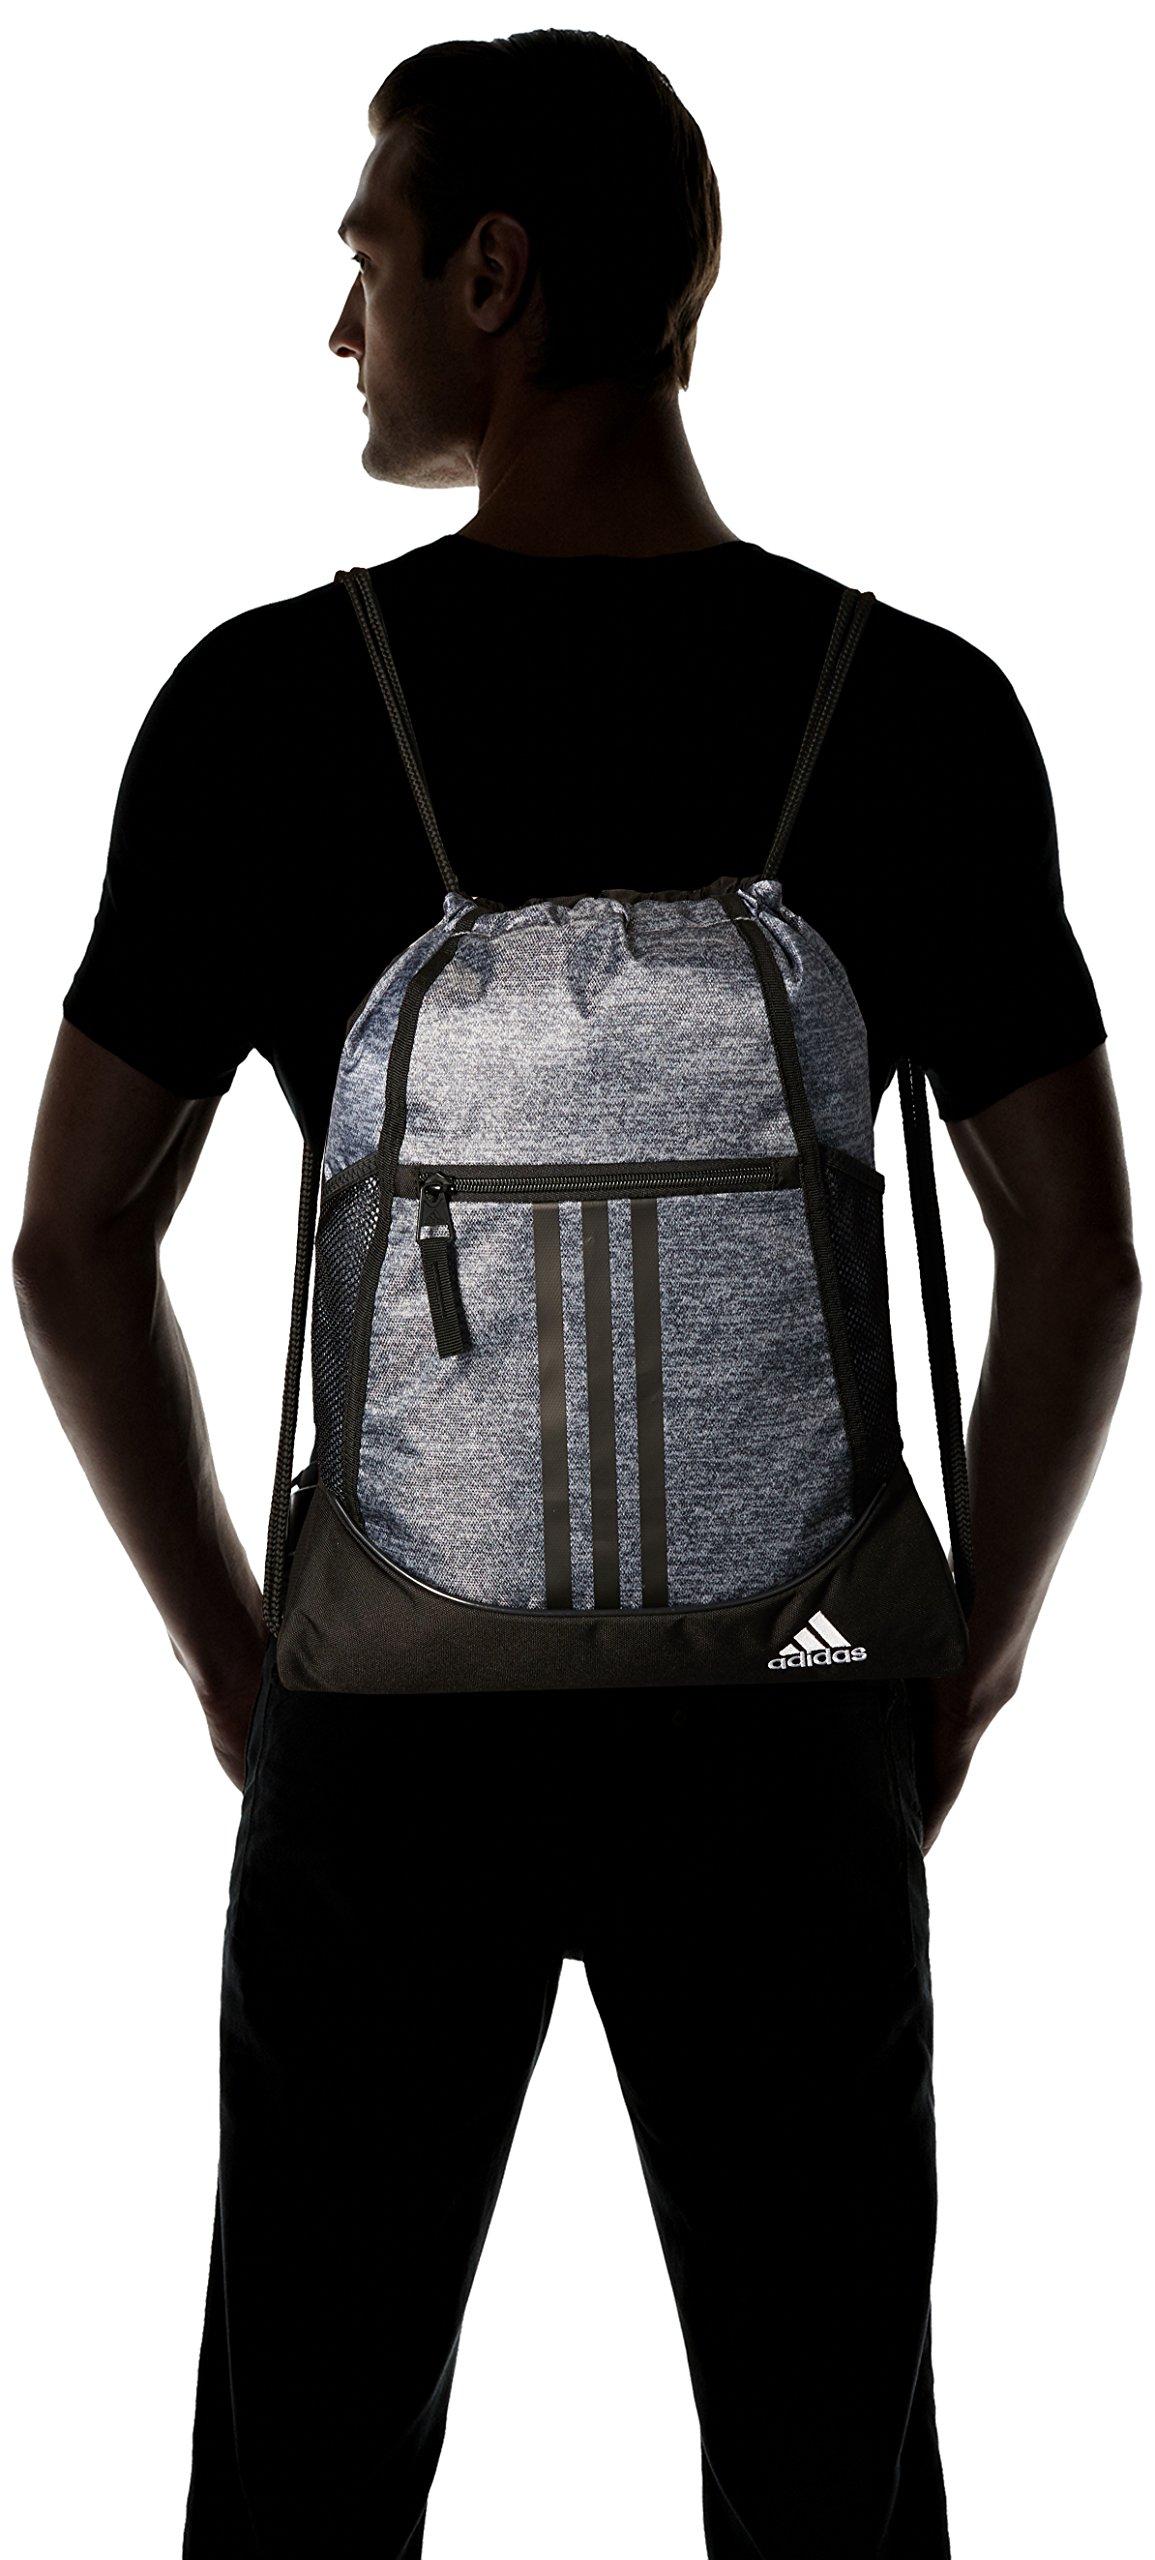 adidas Alliance II Sackpack by adidas (Image #6)